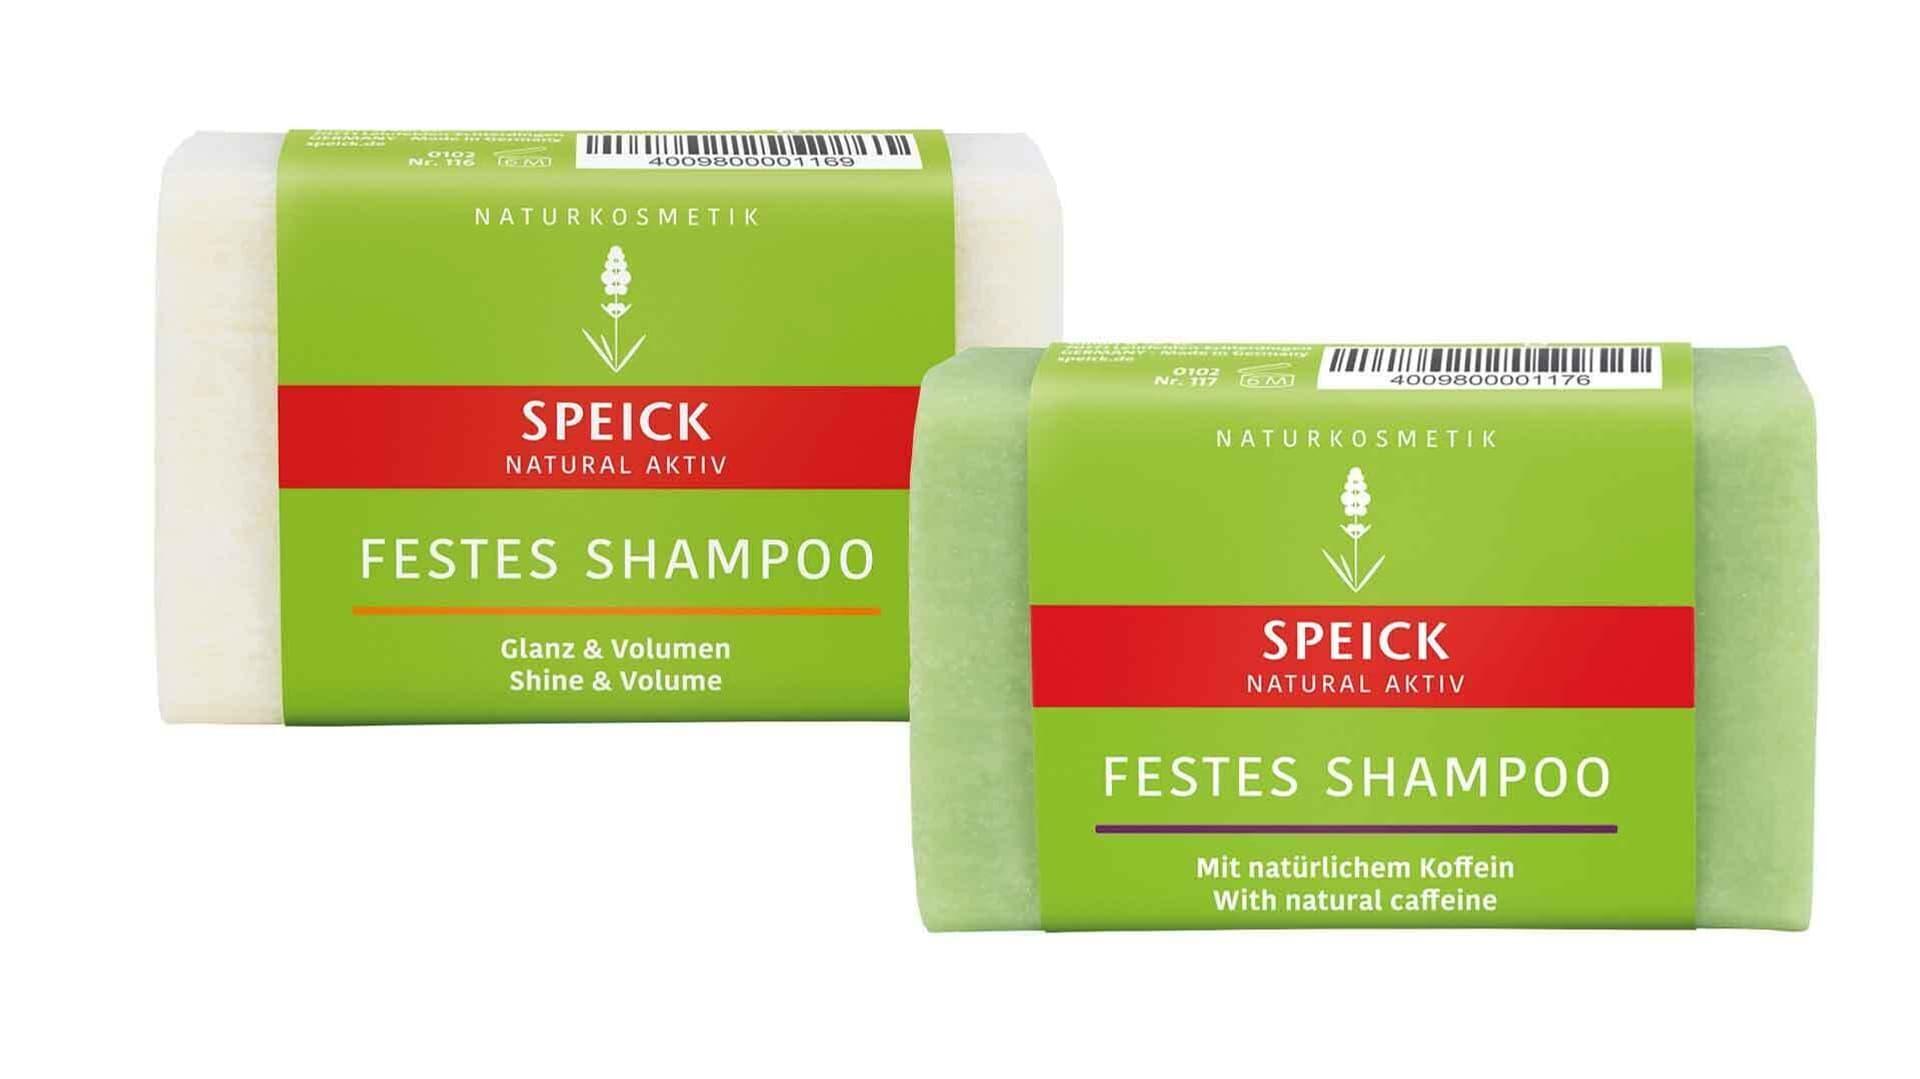 Speick Natural Aktiv Festes Shampoo